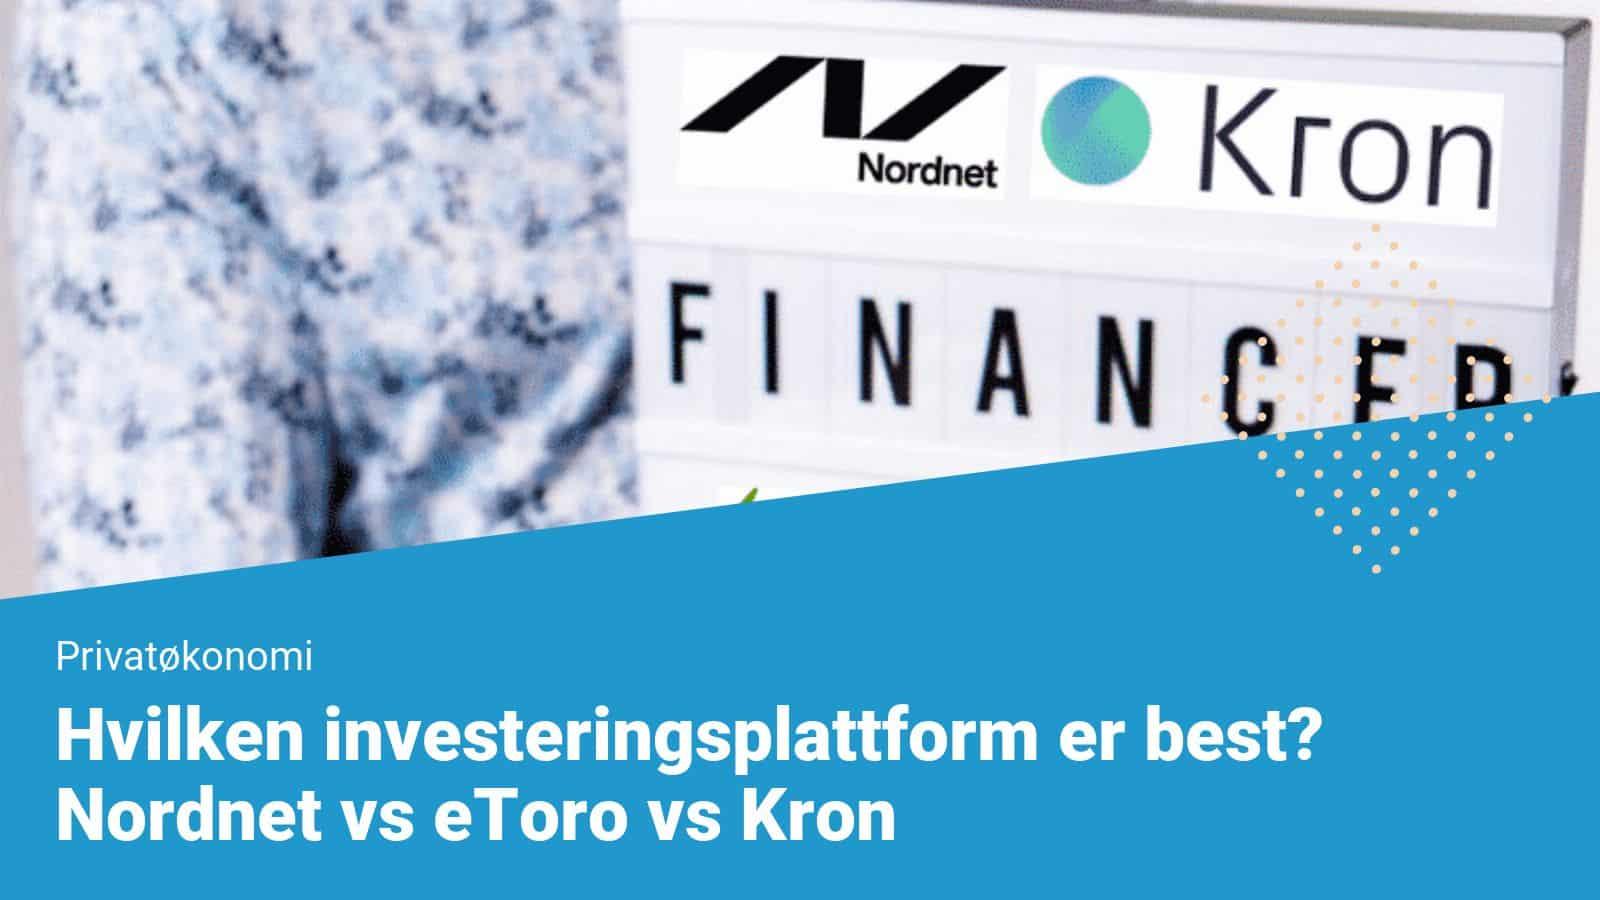 Hvilken investeringsplattform er best?Nordnet vs kron vs etoro